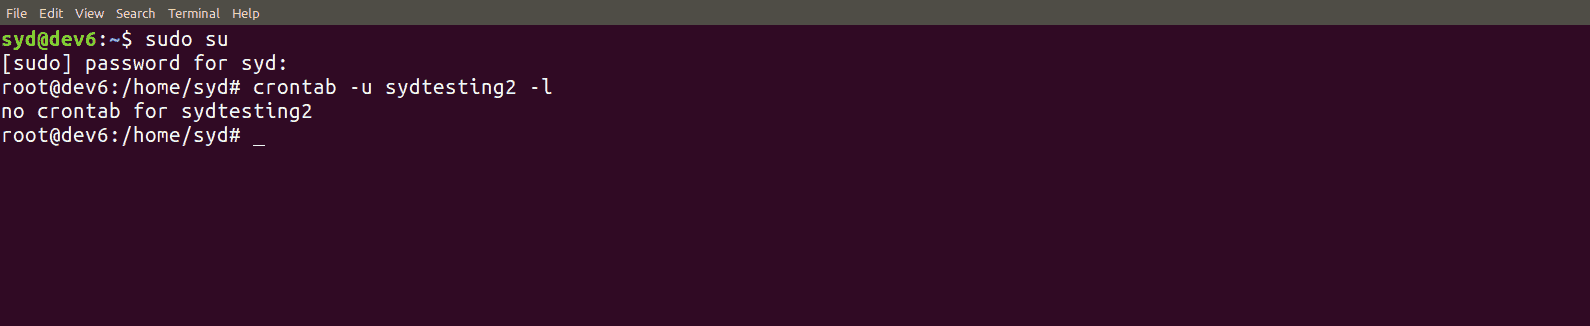 exemplo do comando crontab -u username -l no terminal de comando do linux